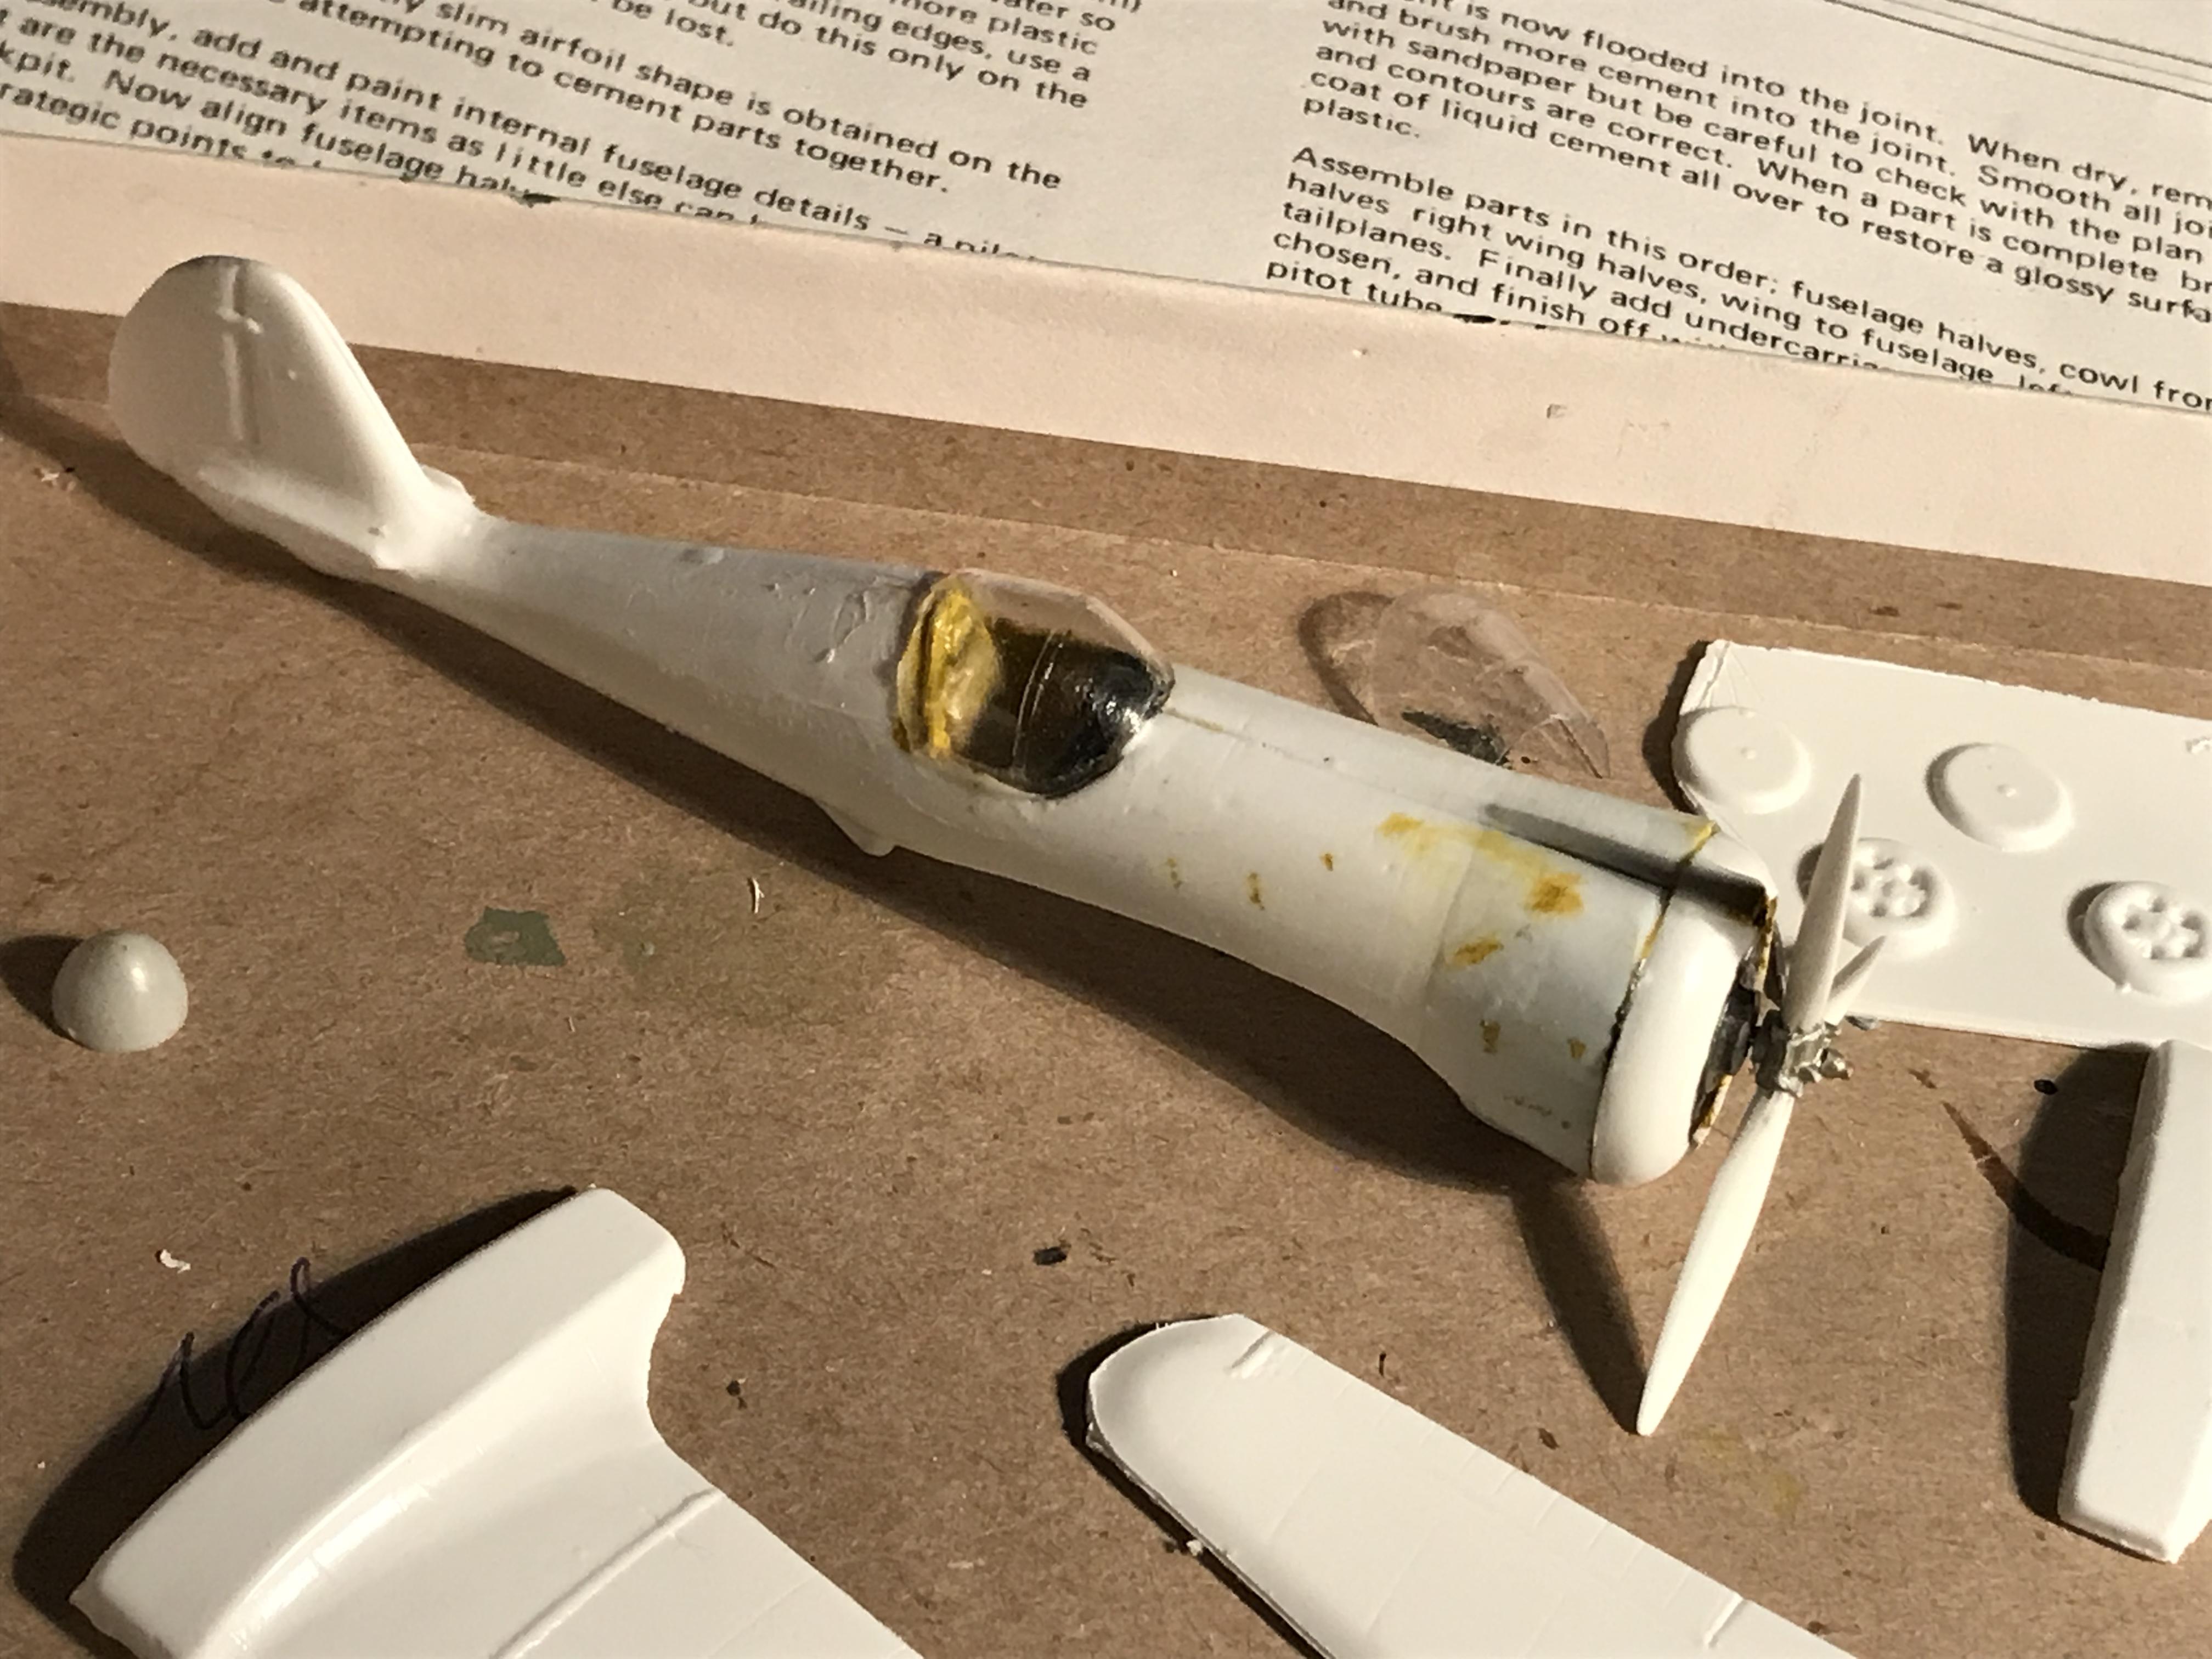 73720DDF-9665-41EF-A2B5-91B107141108.jpeg